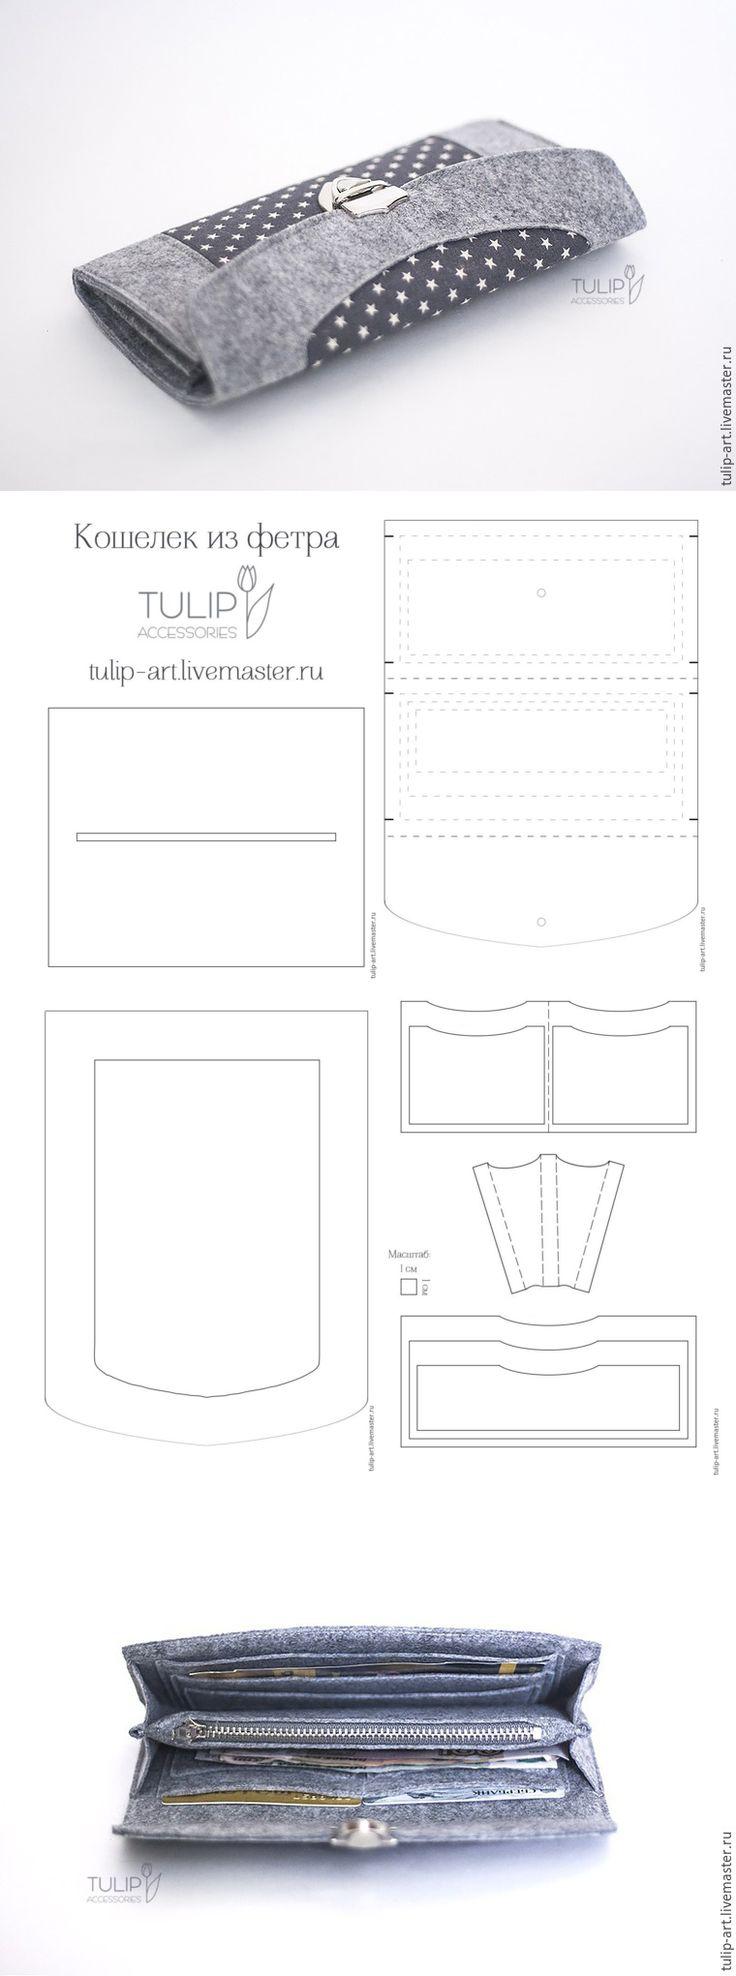 Felt wallet tutorial + pattern